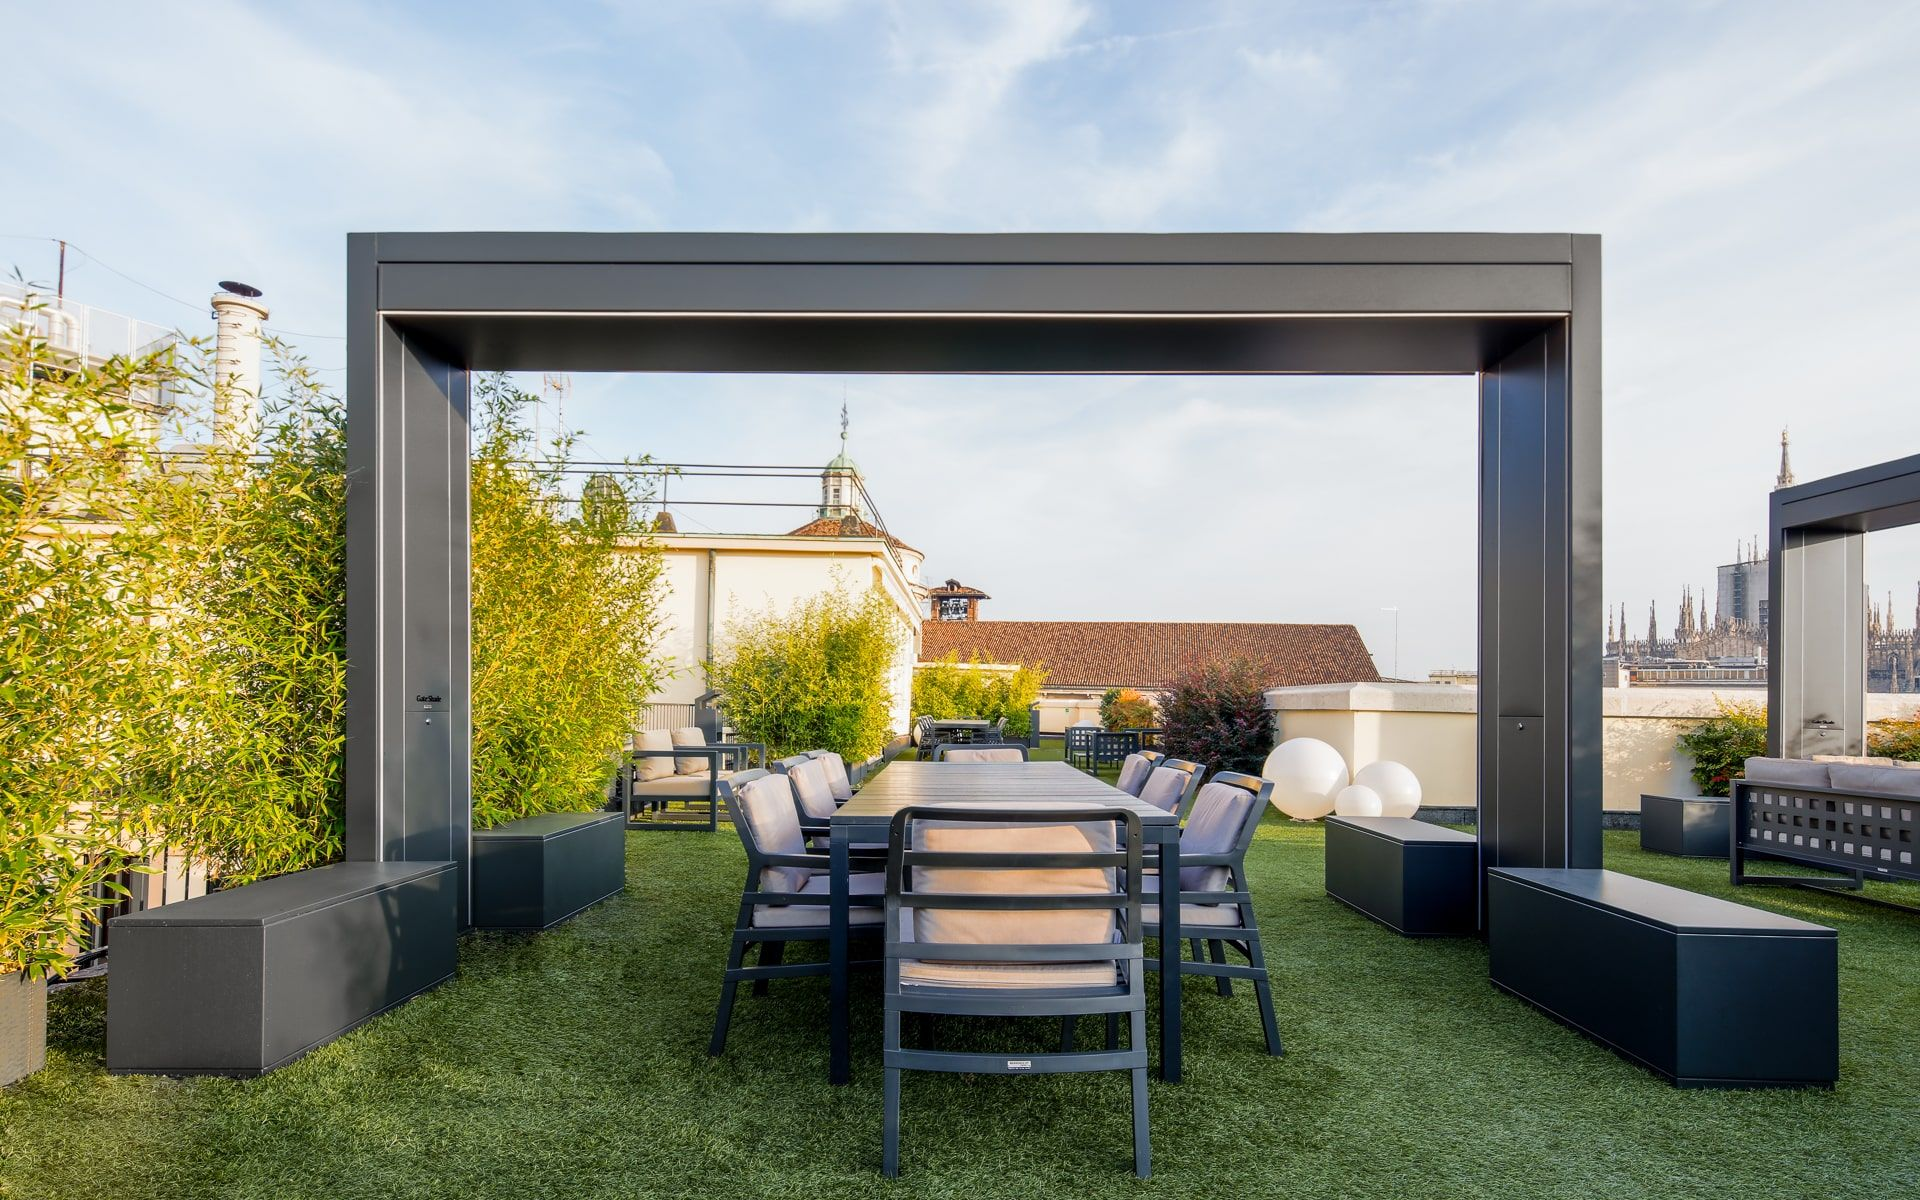 Progetti Per Esterni : Unosider architetture per esterni gazebo strutture tessili